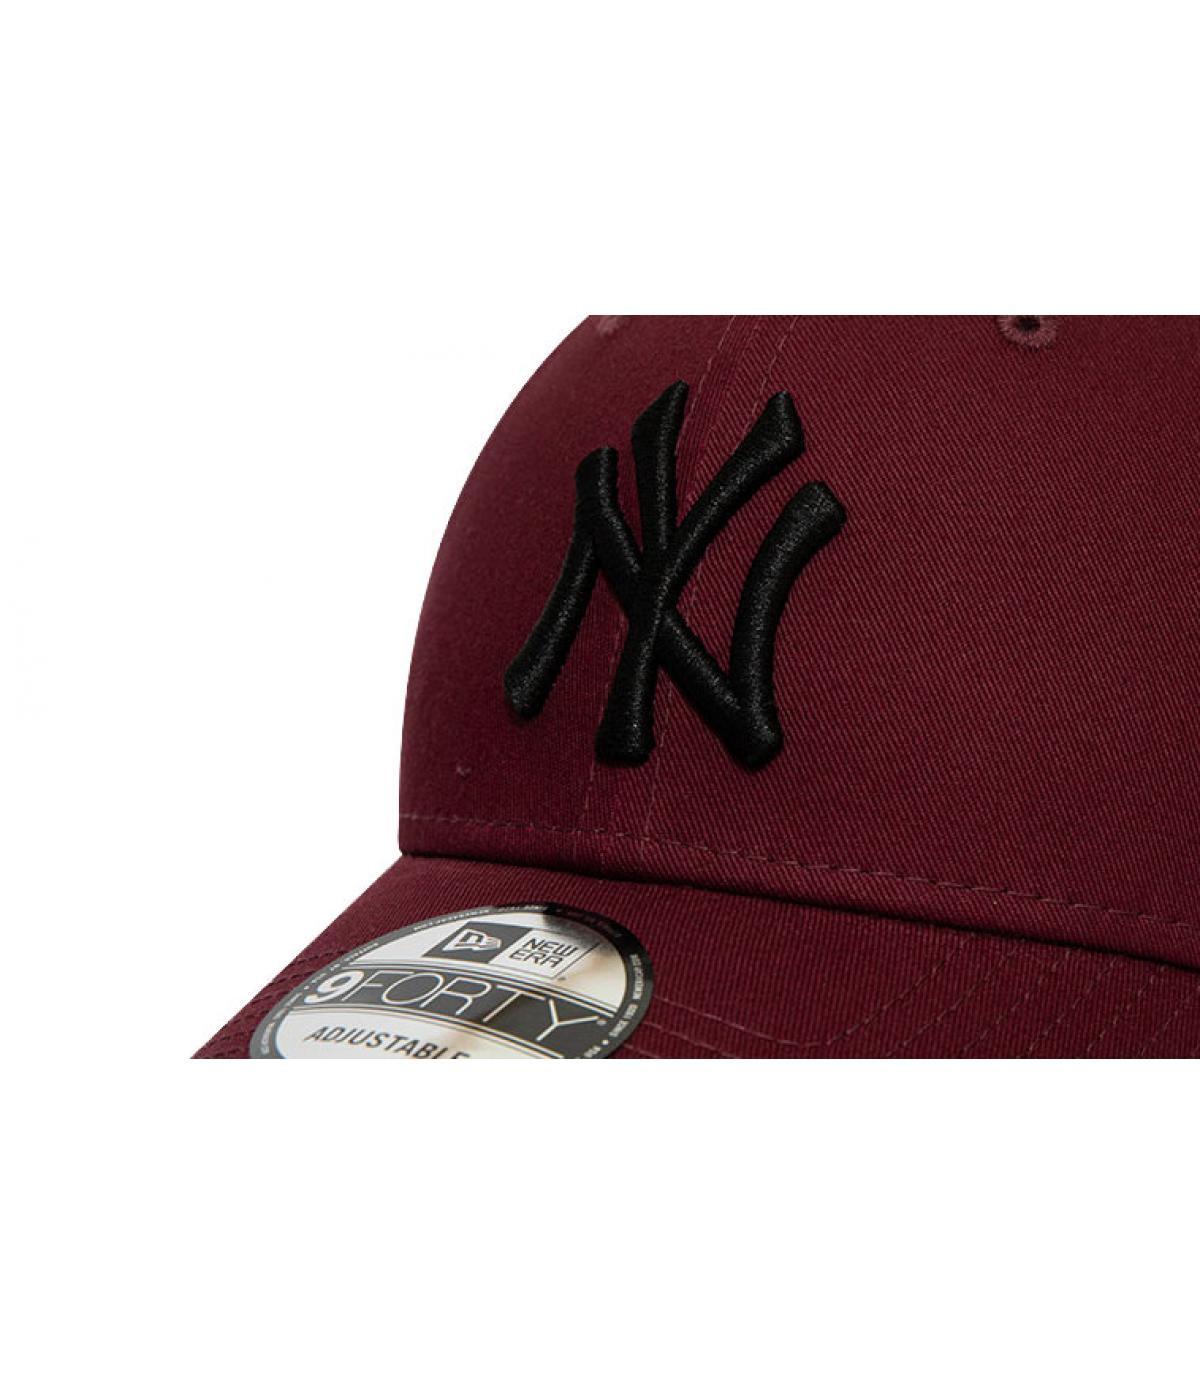 Details Cap League Ess NY 940 maroon black - Abbildung 3